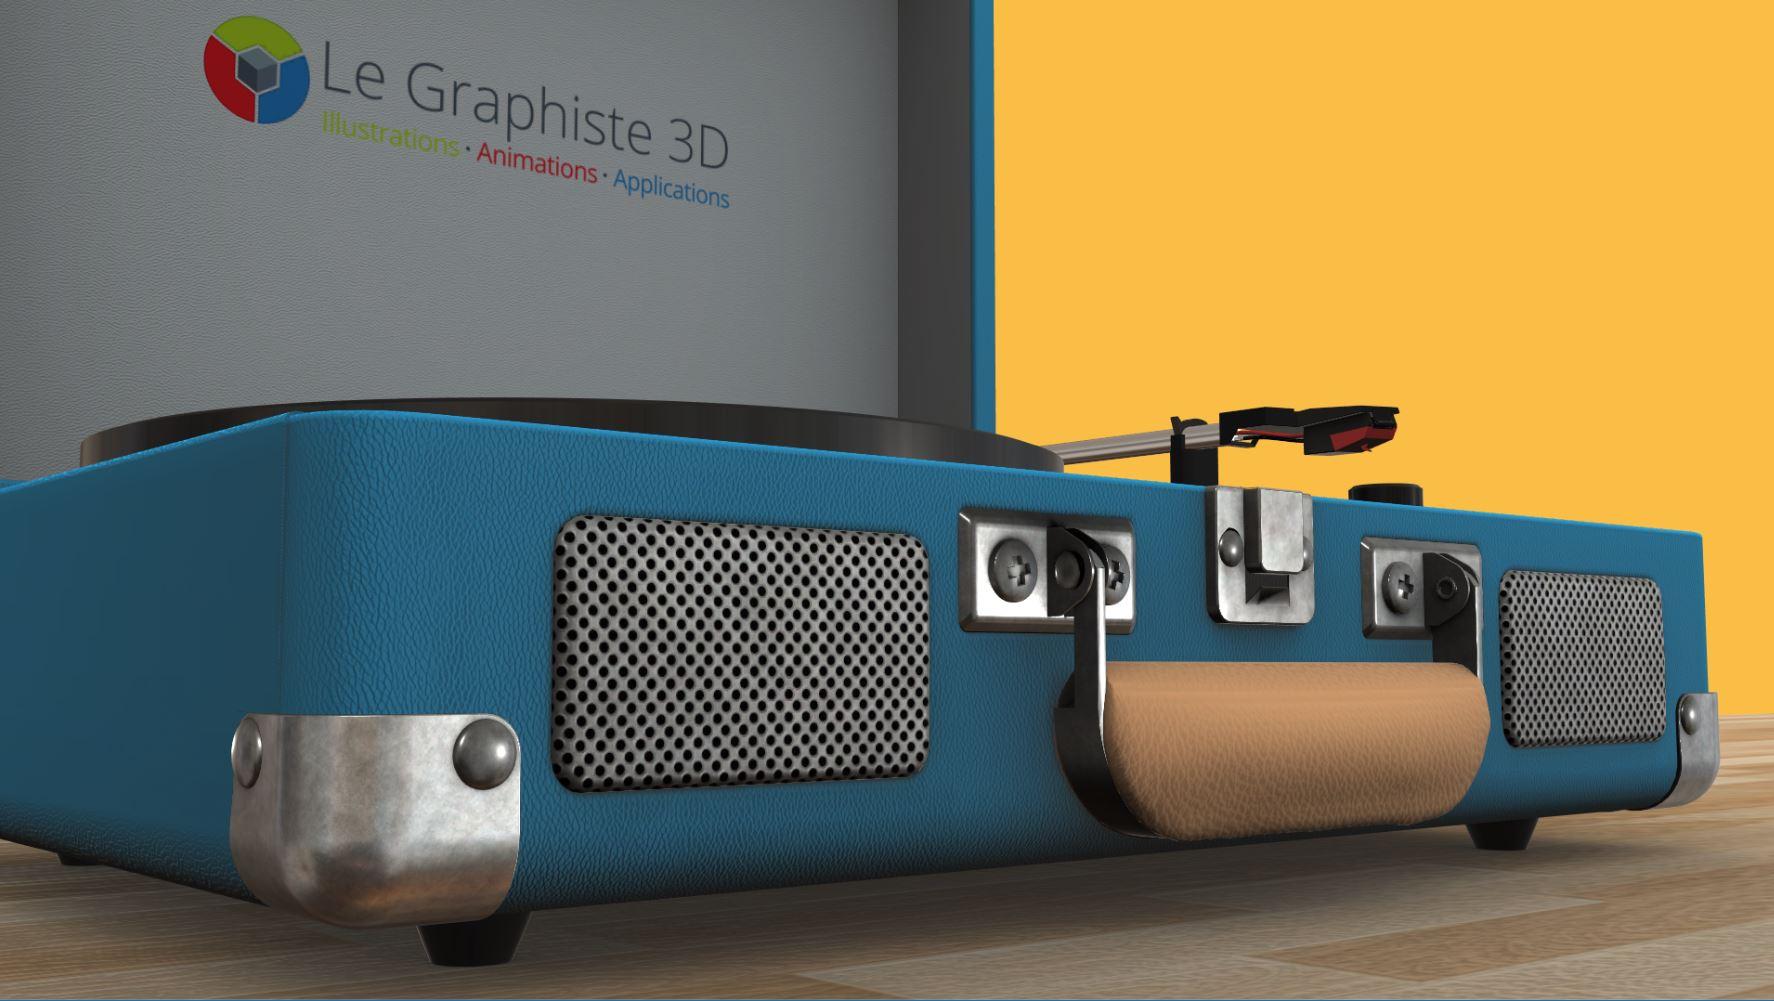 Application 3D temps réel - tourne-disque bleu sur fond jaune - Le Graphiste 3D